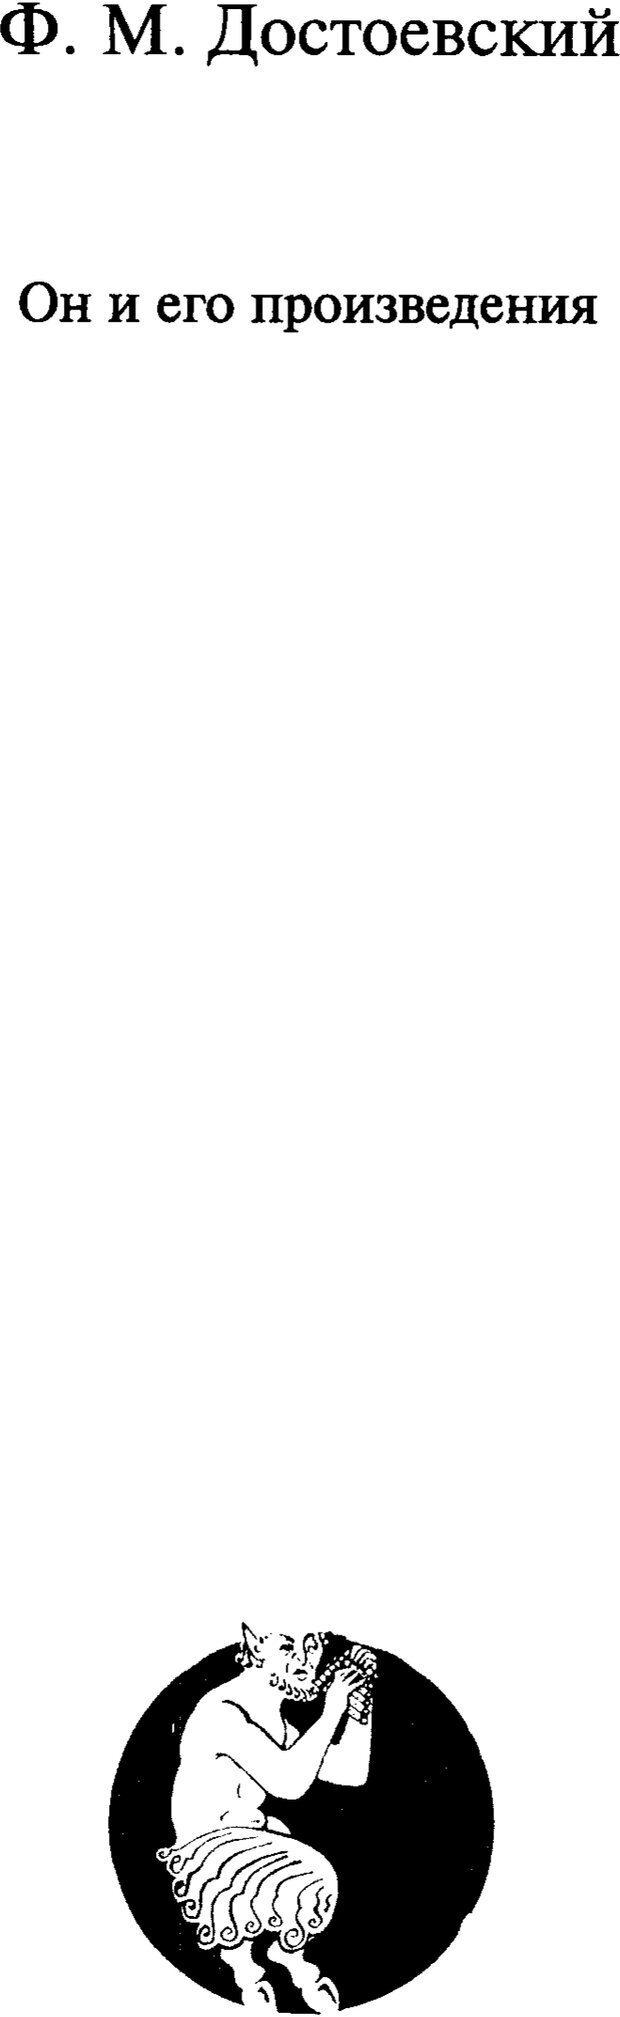 PDF. Психоанализ литературы. Пушкин. Гоголь. Достоевский. Ермаков И. Д. Страница 344. Читать онлайн